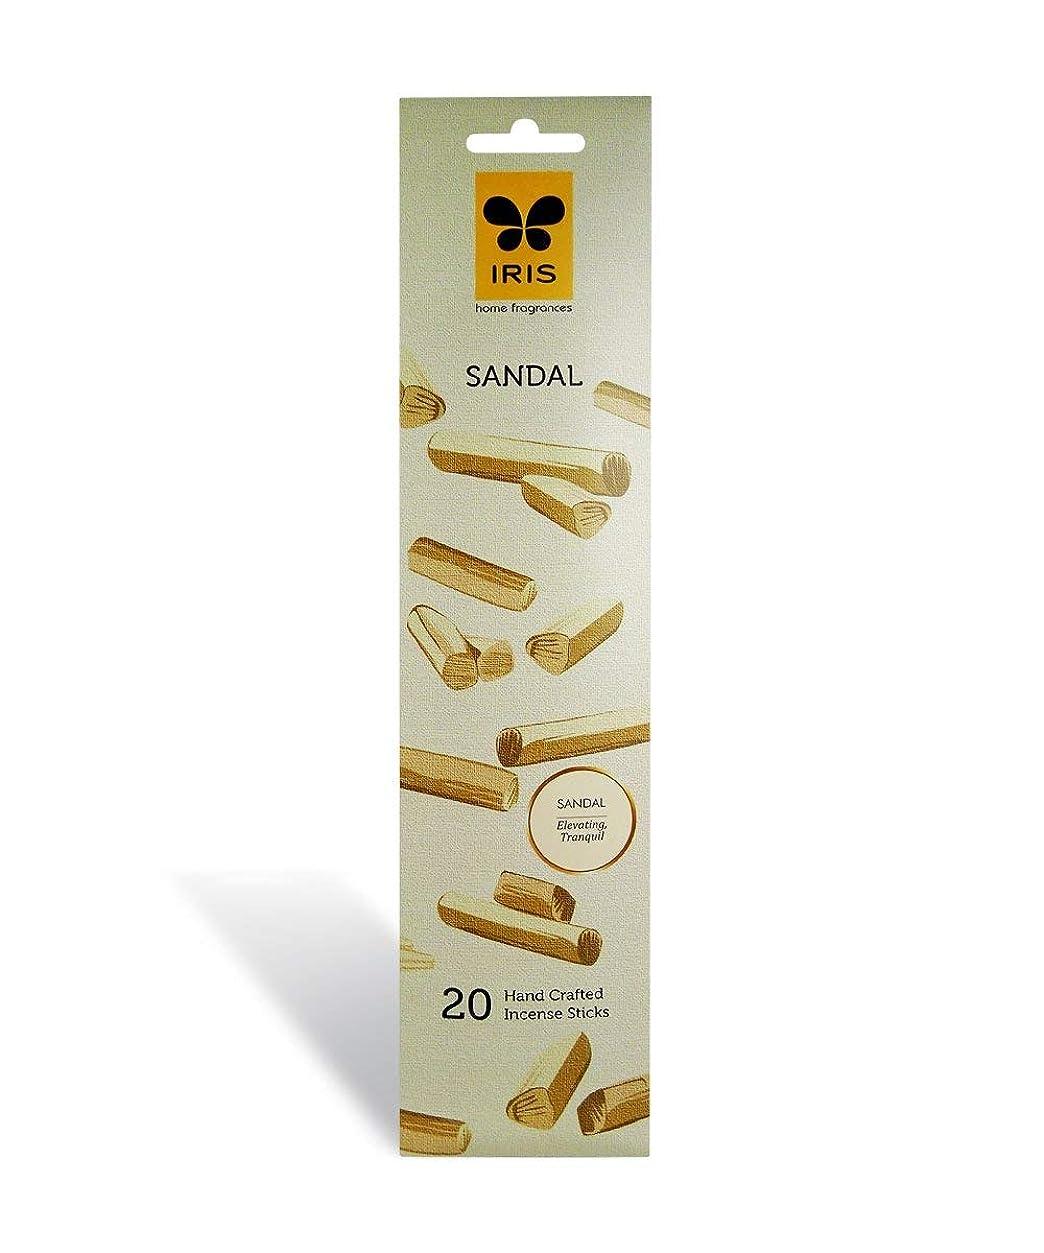 壊す四面体ギャロップIRIS Signature Sandal Fragrance Incense Sticks